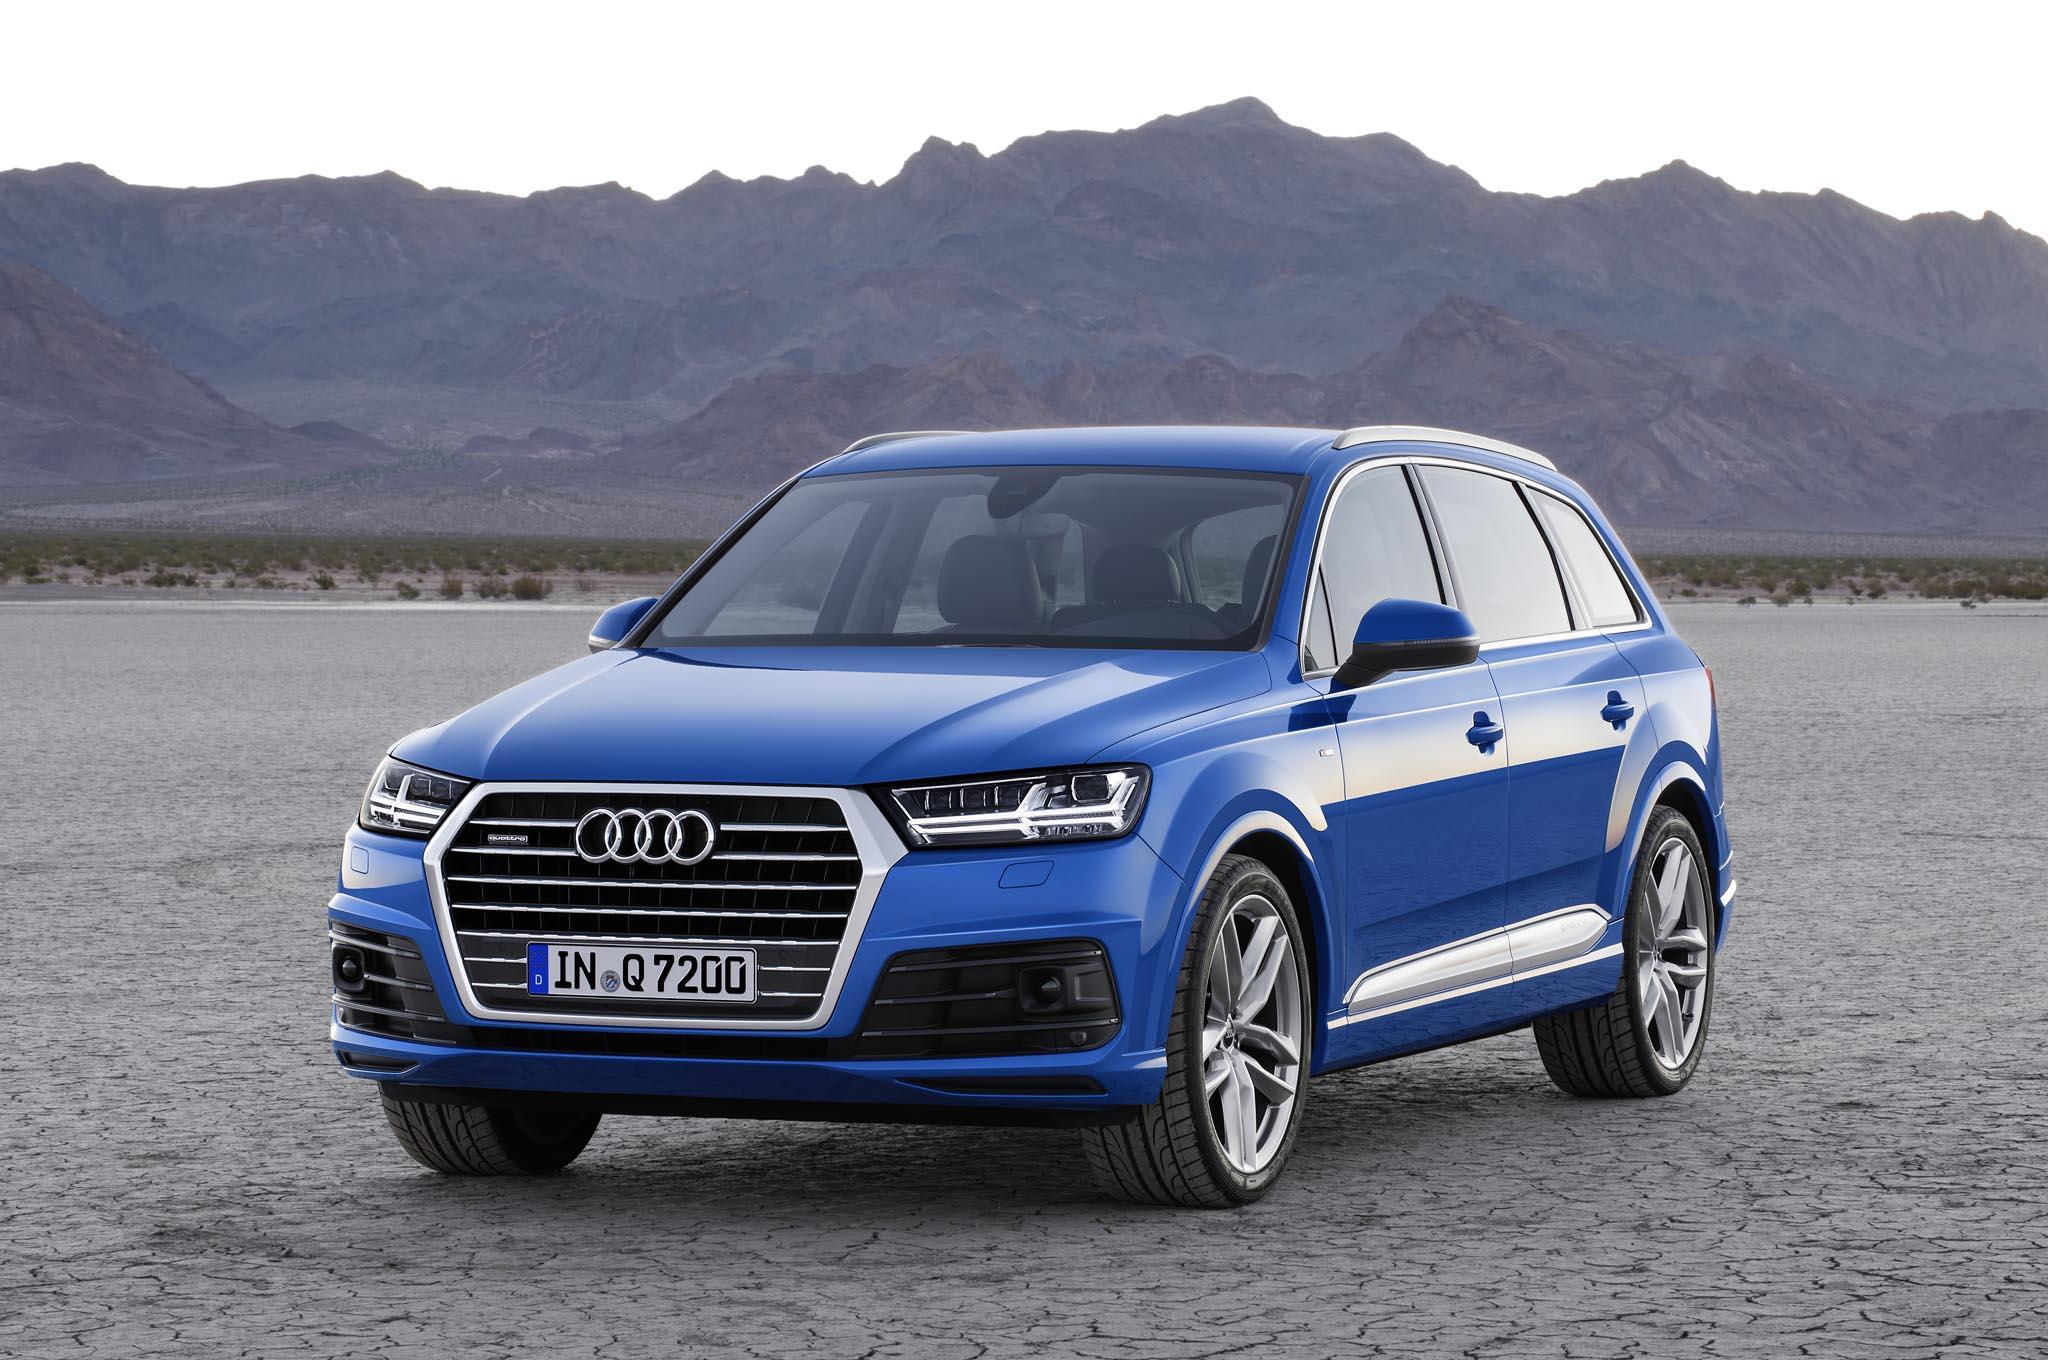 2016 Audi Q7 Exterior Profile